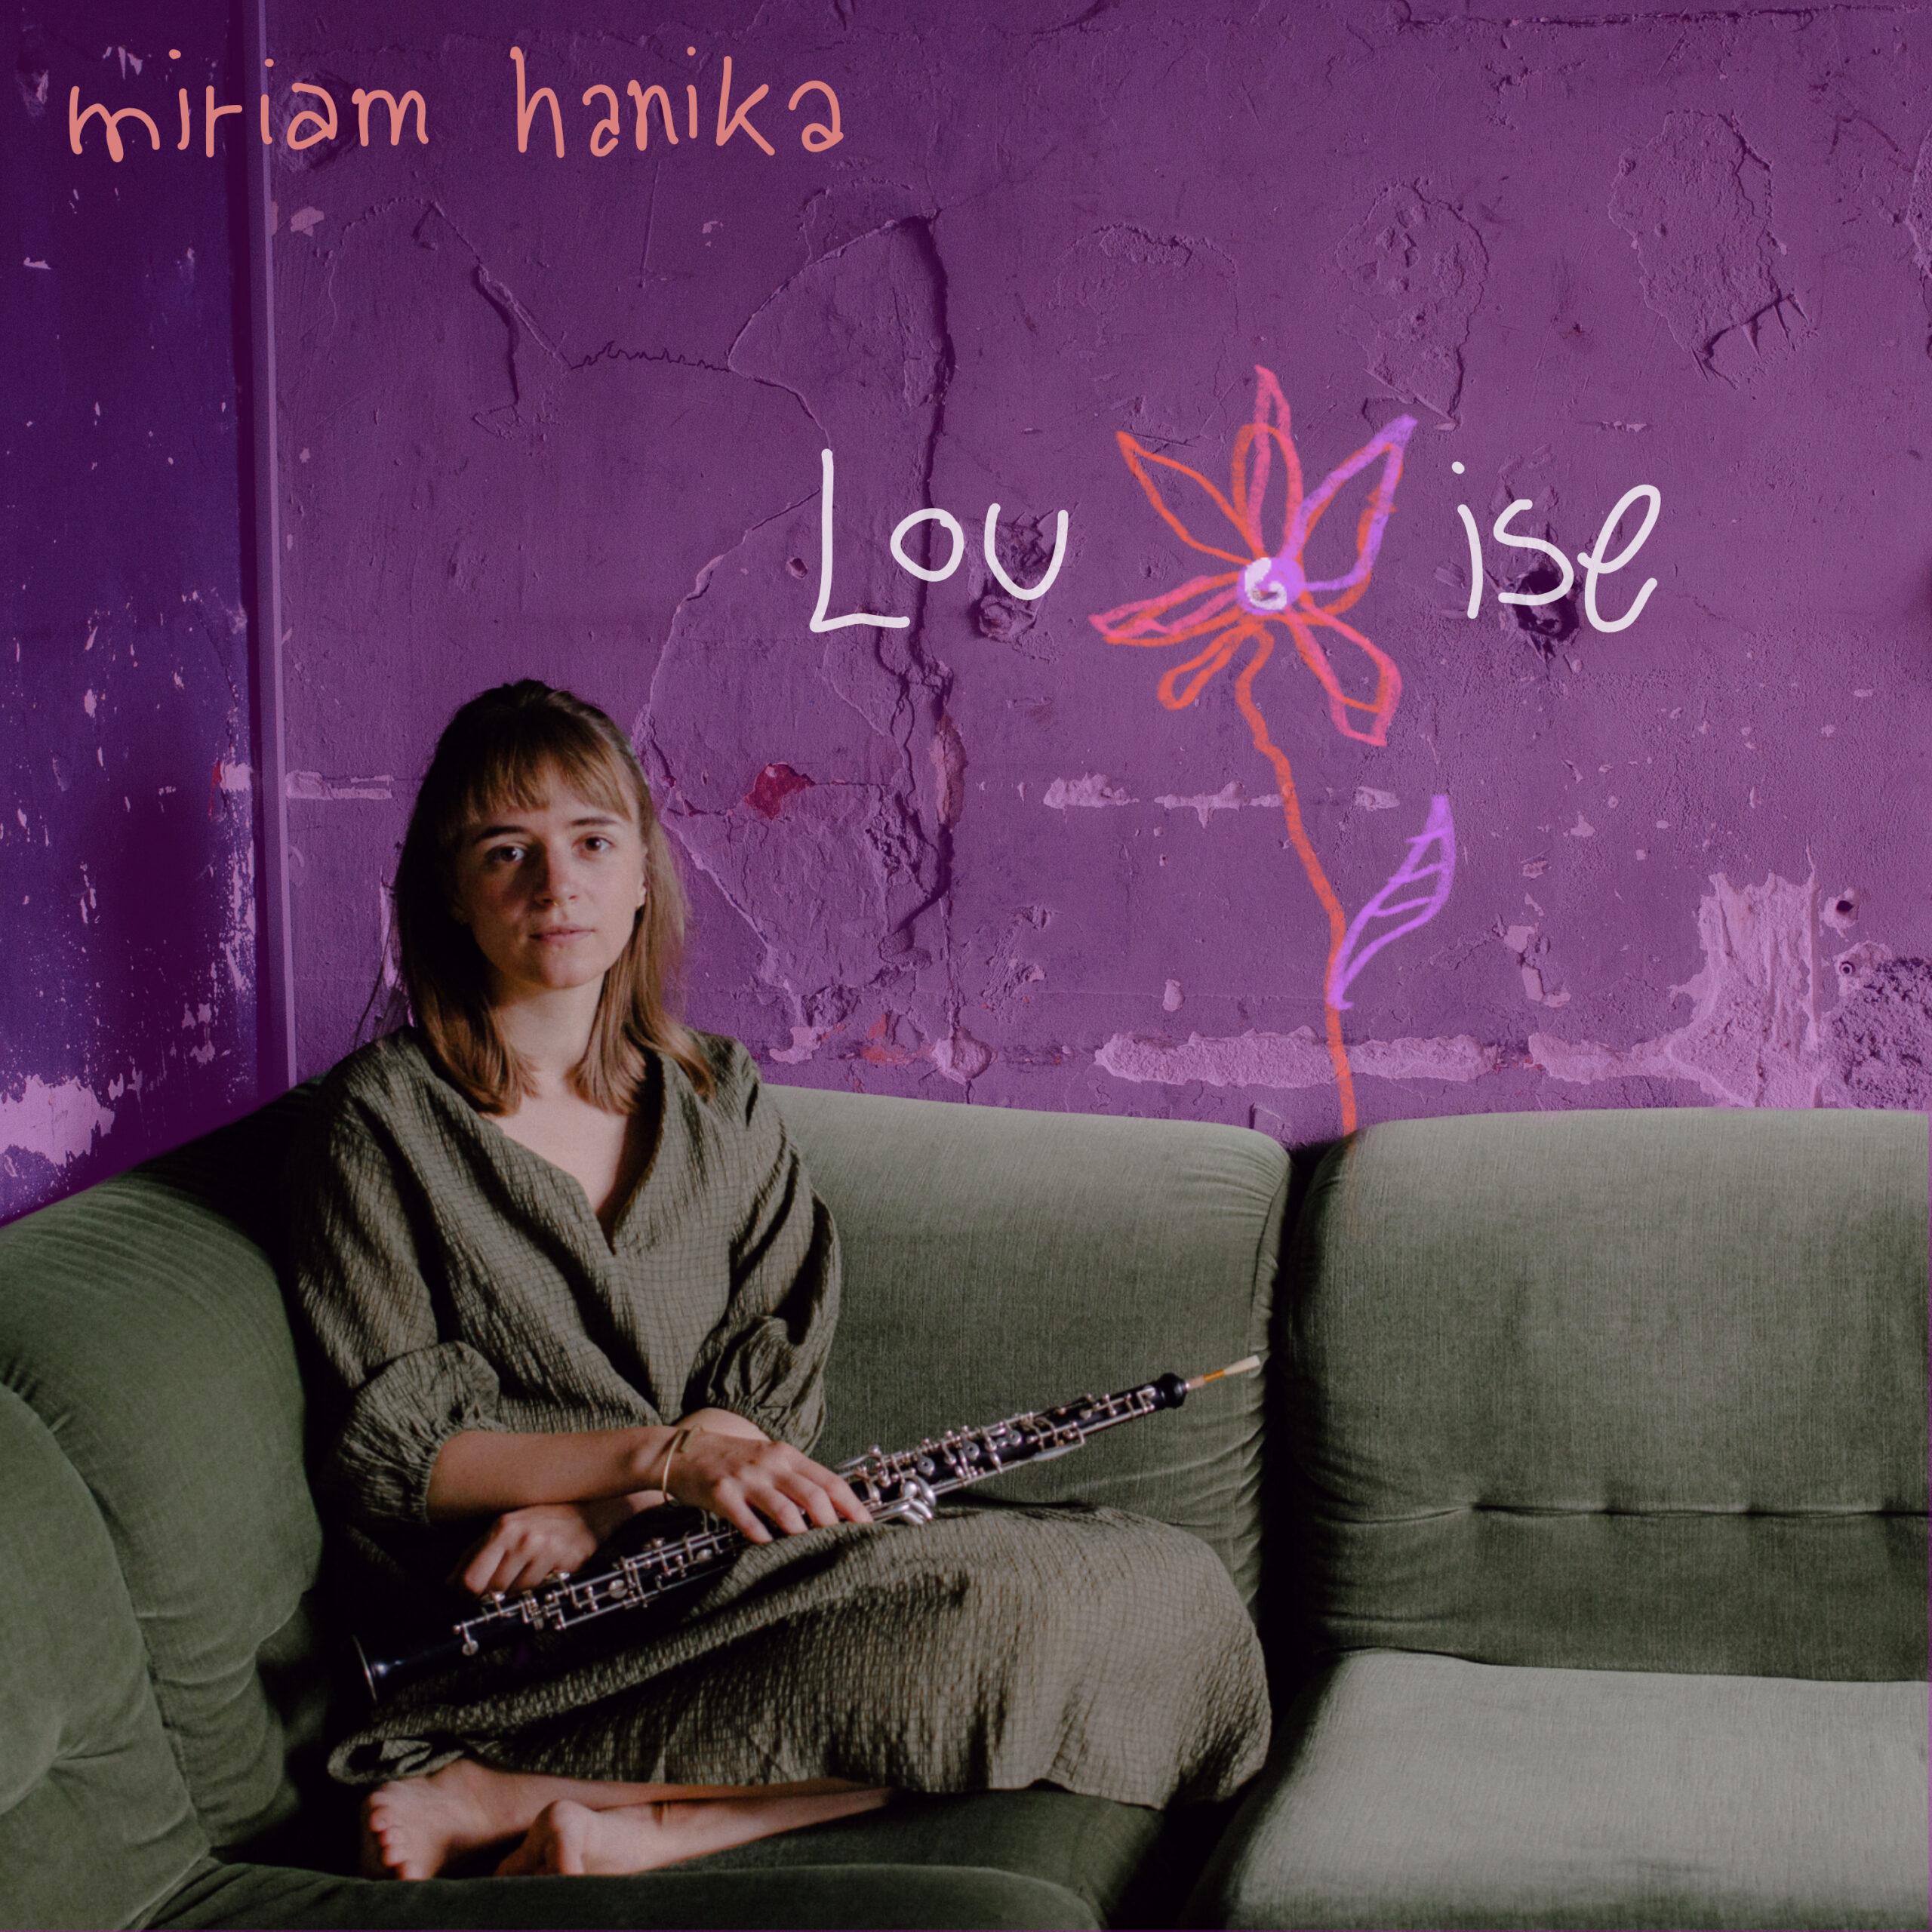 Miriam Hanika auf einer grünen Couch mit ihrer Oboe.